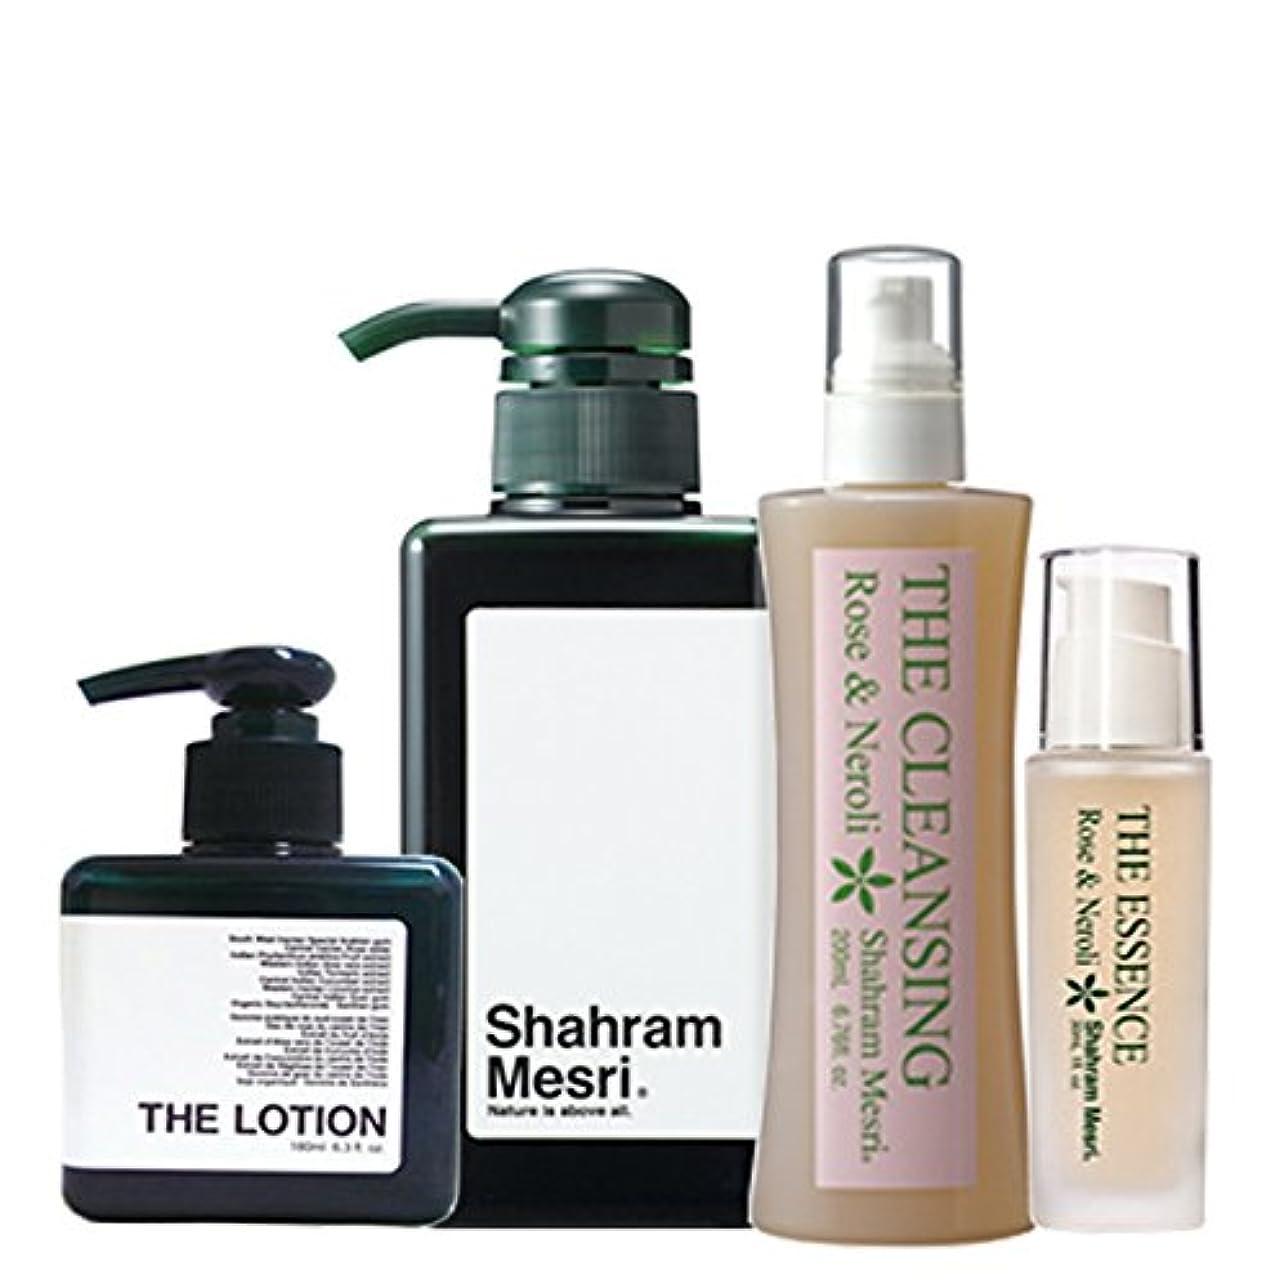 謝罪親愛な適性Shahram Mesri パーフェクトセット シャハランメスリ ザ?シャンプー ザ?ローション ザ?クレンジング ザ?エッセンス のセットです。 お化粧落としからシャンプーそしてローションエッセンスの仕上げまで お試しください。